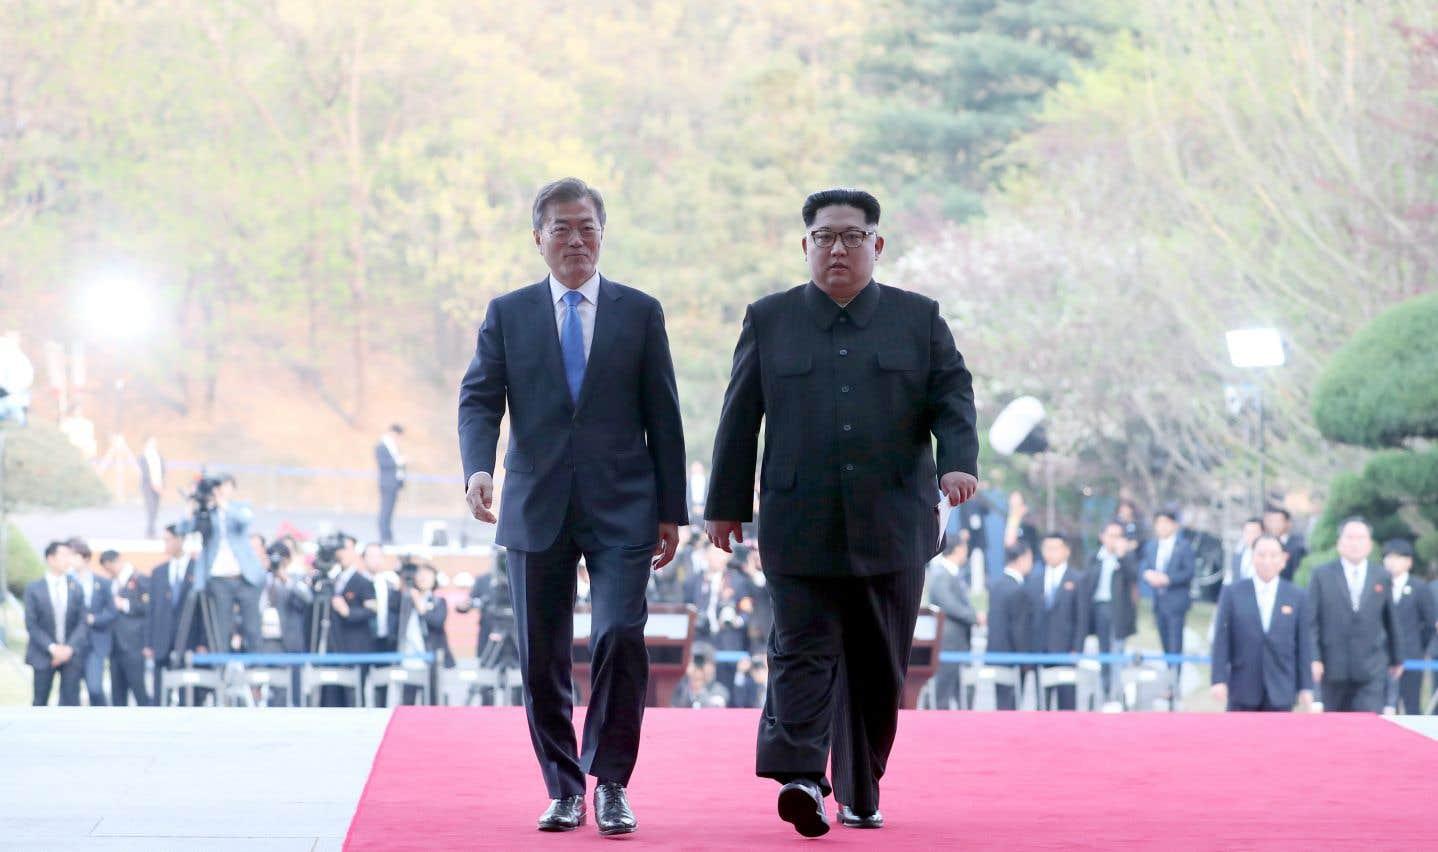 Le chef nord-coréen Kim Jong-un et le président sud-coréen Moon Jae-in marchent côte à côte après la clôture officielle du sommet.